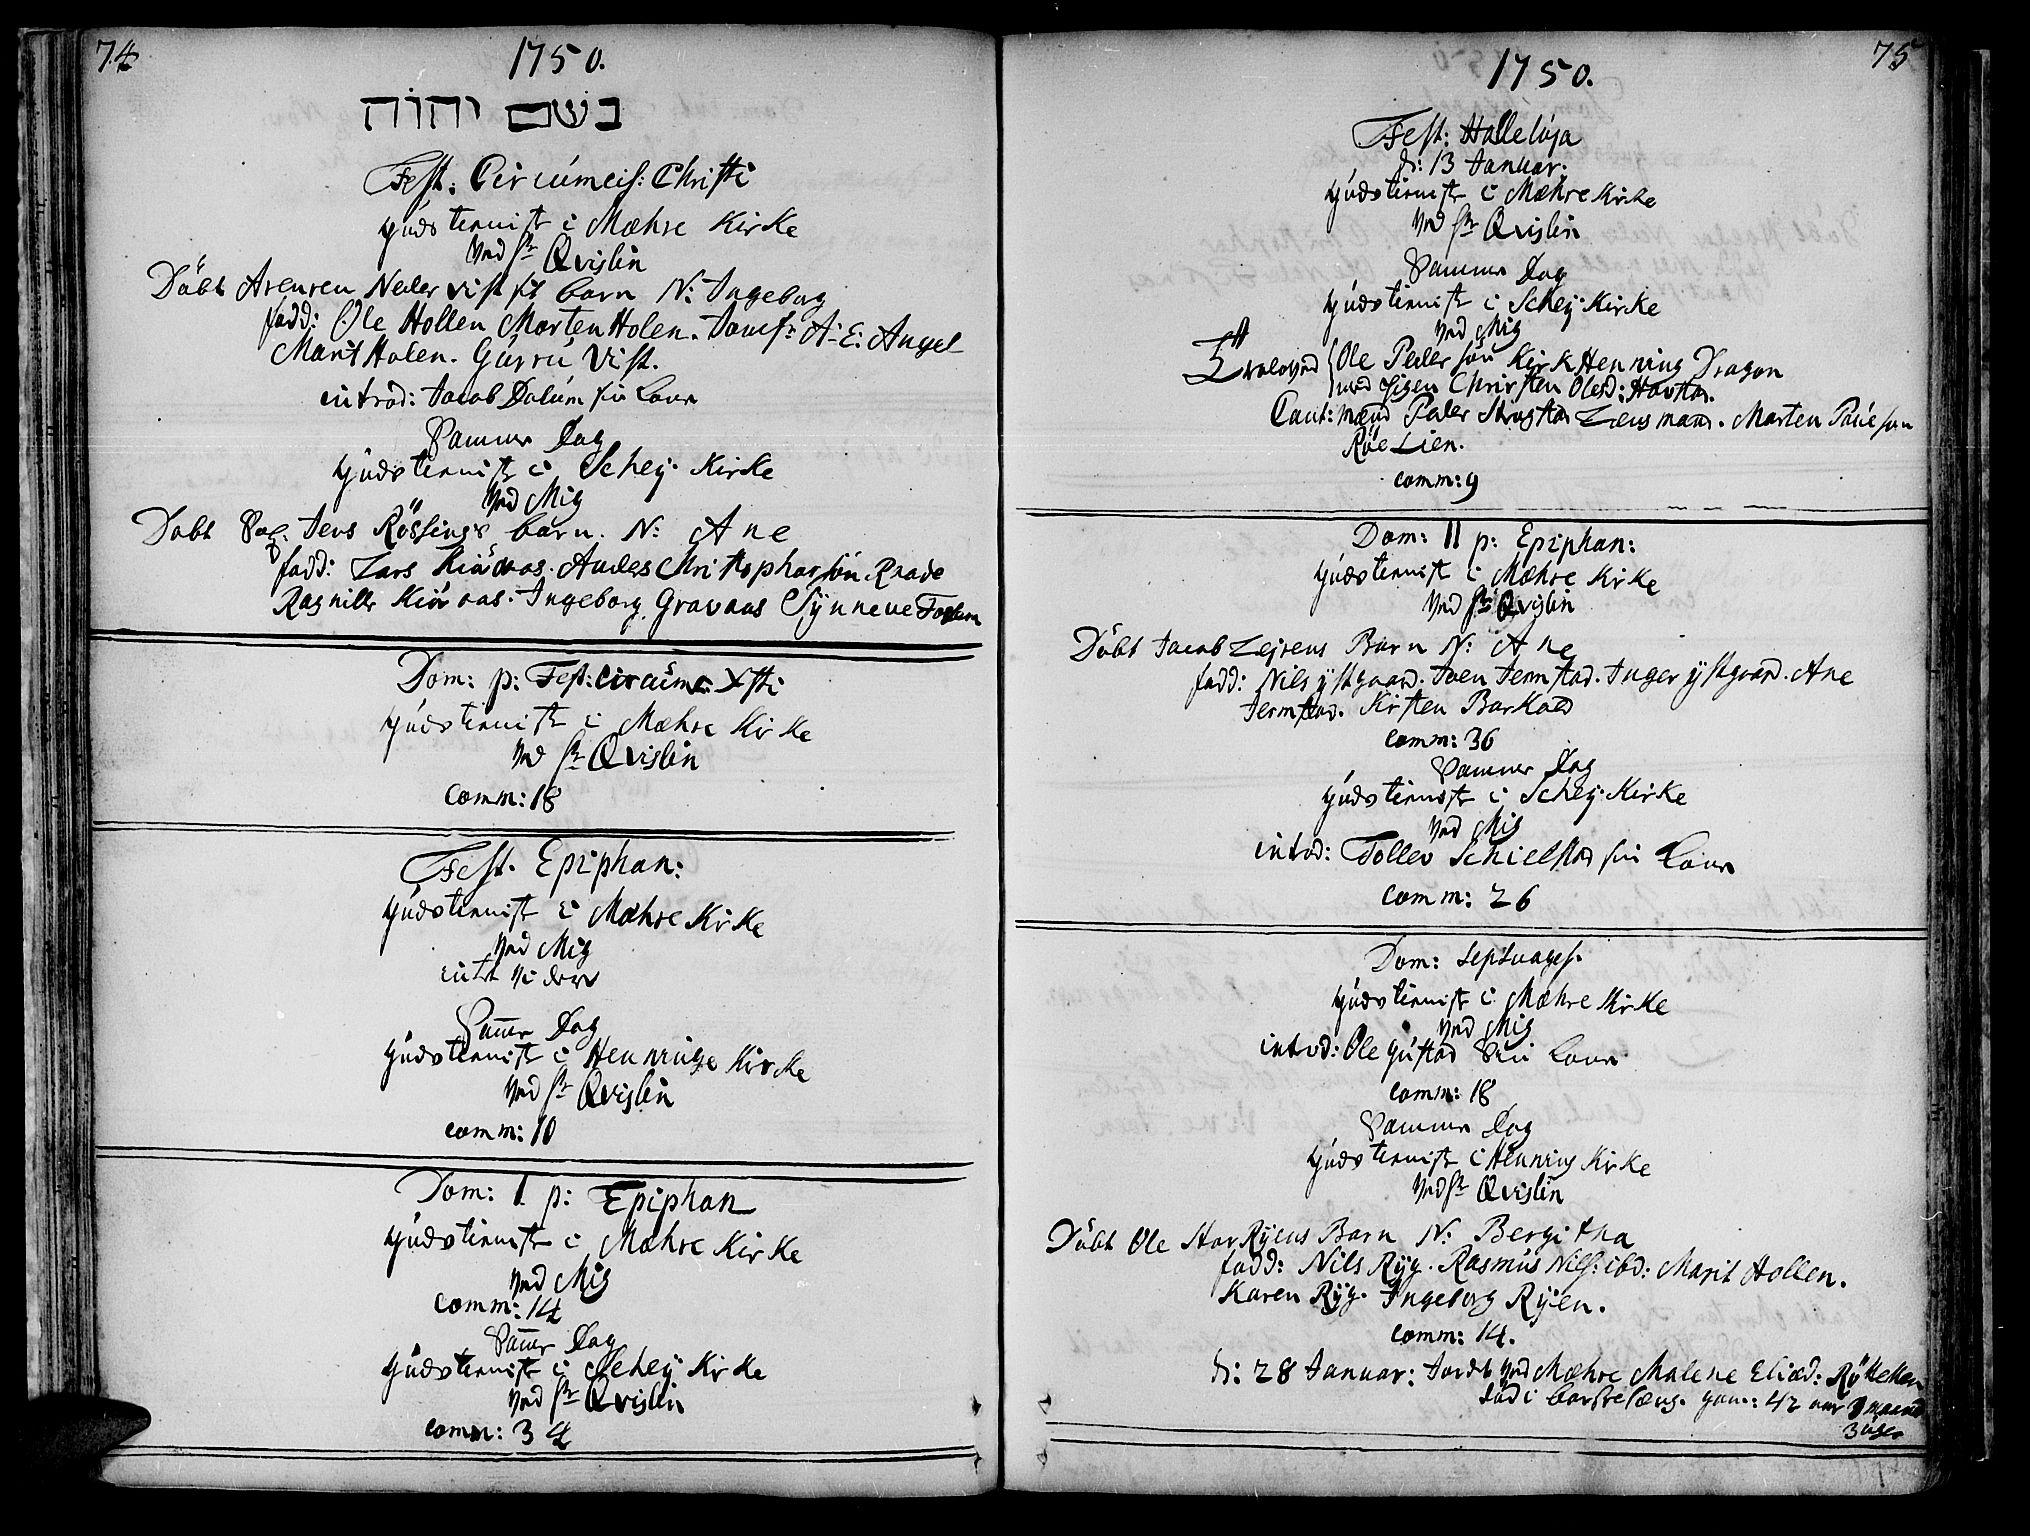 SAT, Ministerialprotokoller, klokkerbøker og fødselsregistre - Nord-Trøndelag, 735/L0330: Ministerialbok nr. 735A01, 1740-1766, s. 74-75